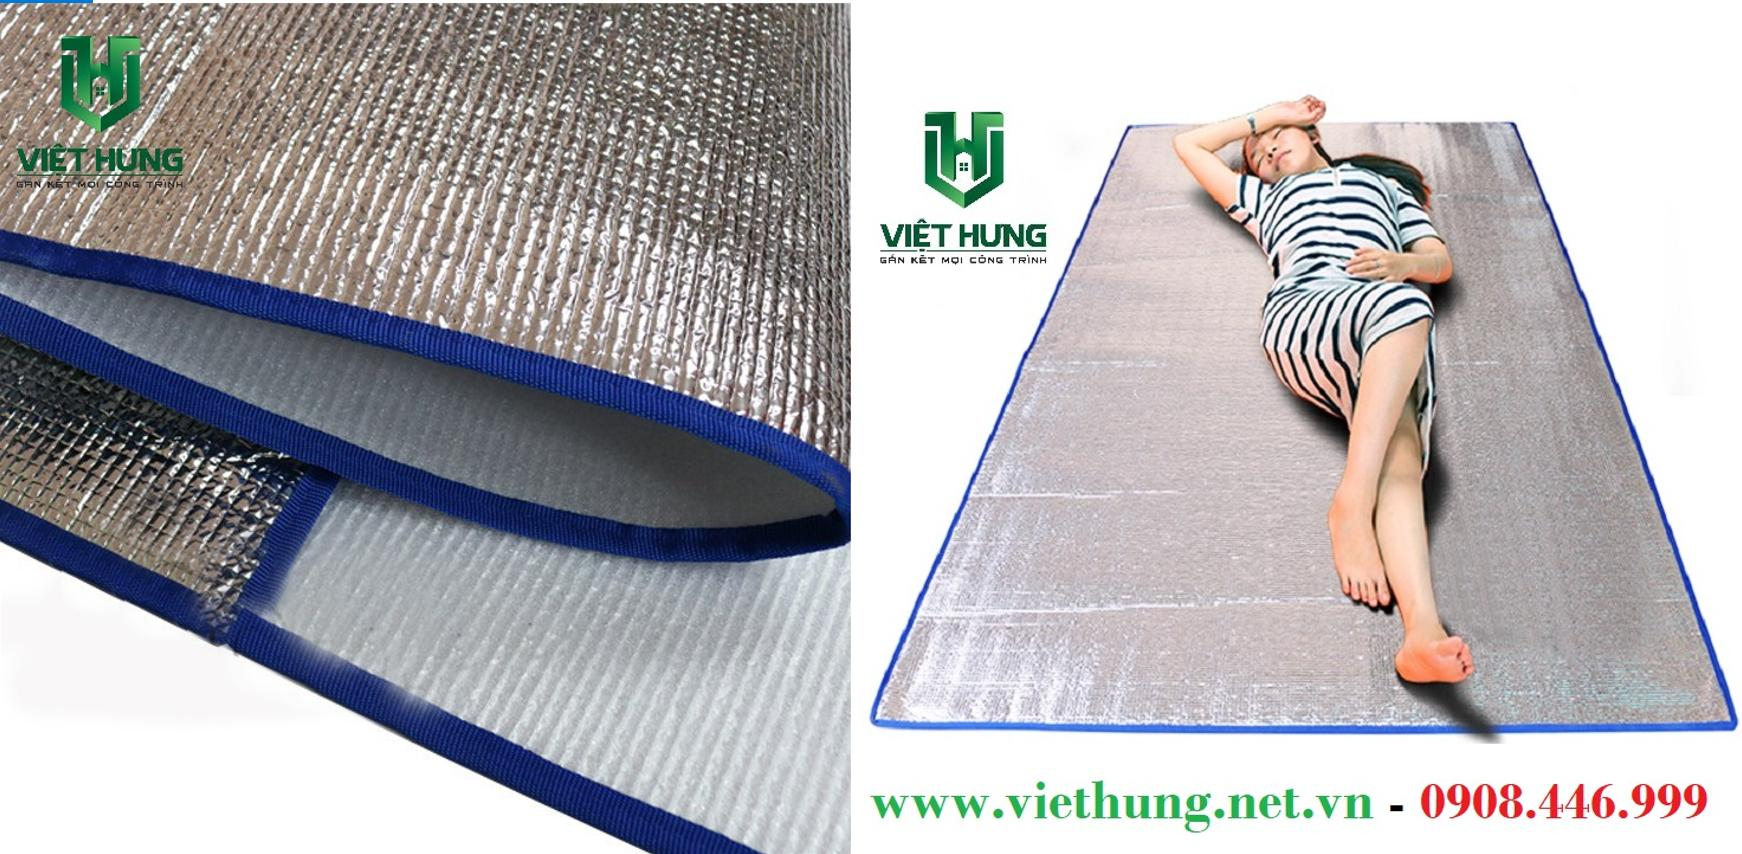 Mút xốp cách nhiệt phủ bạc Pe Opp làm chiếu nằm cho công nhân